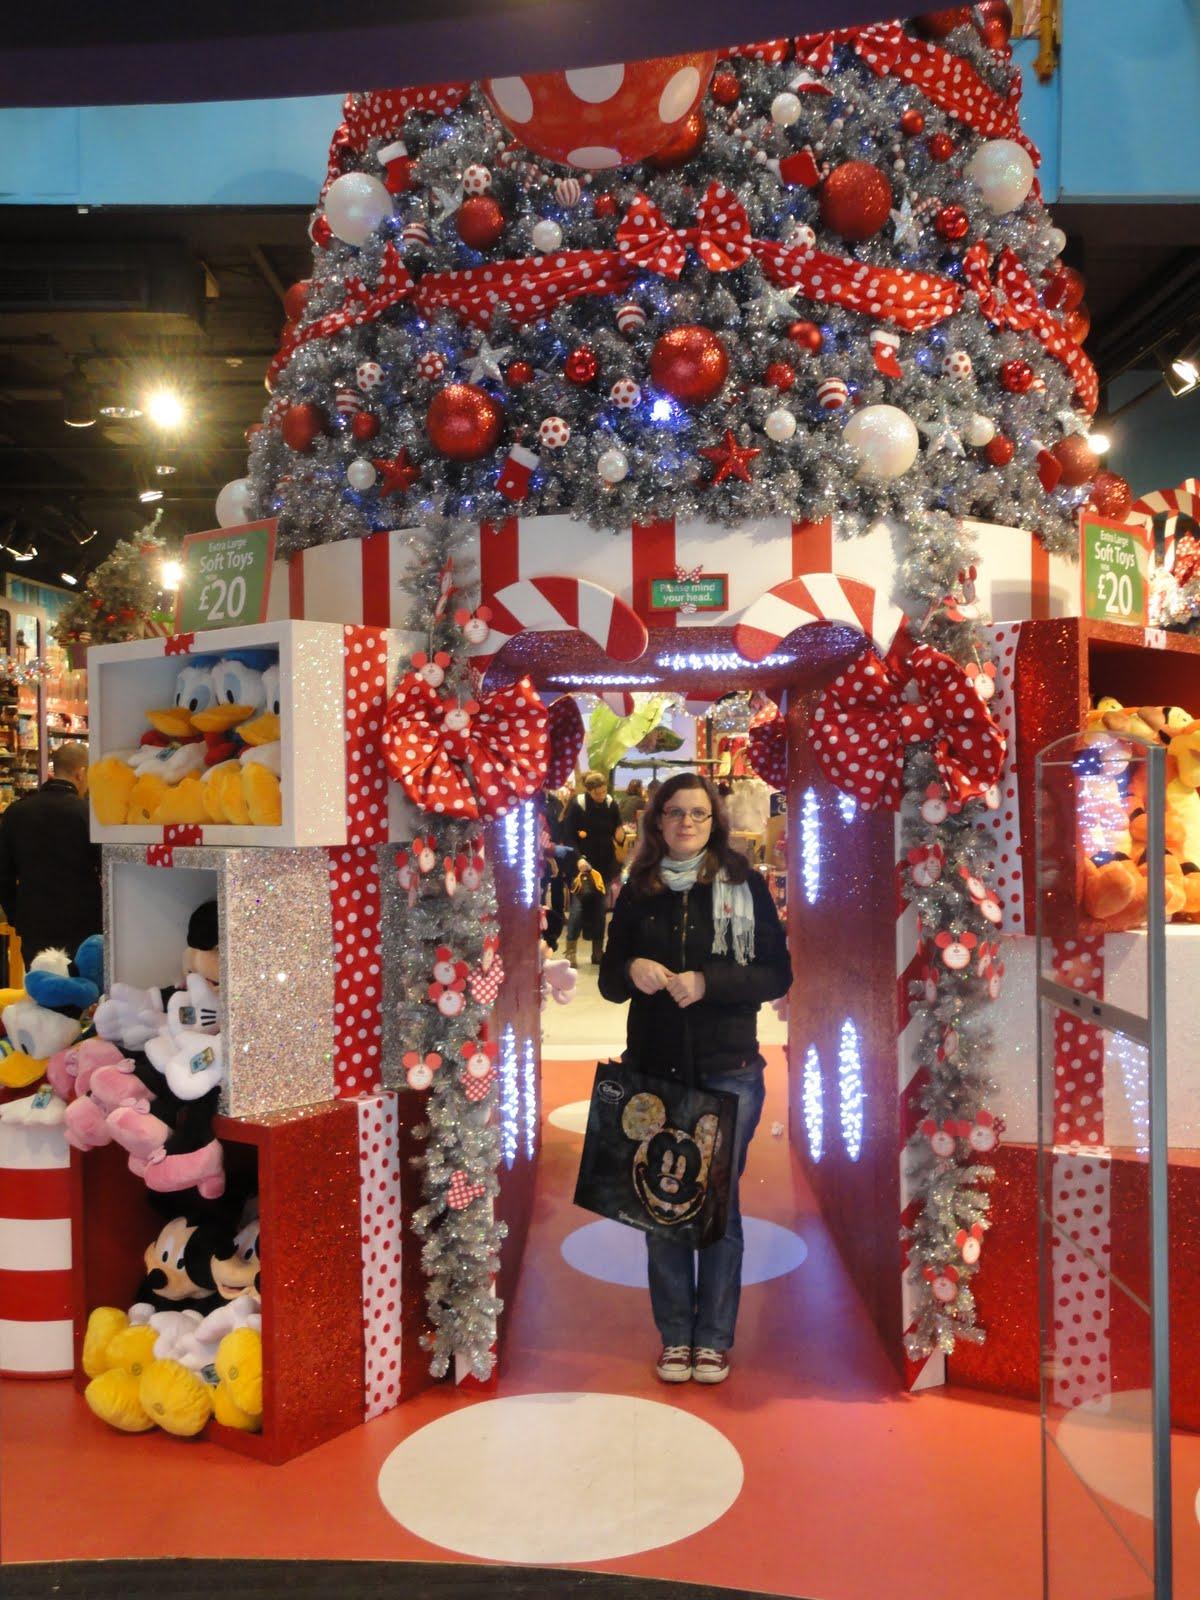 #A83A23 Soit Dit En Passant .: Londres Version Décoration De Noël 5317 decorations de noel a londres 1200x1600 px @ aertt.com